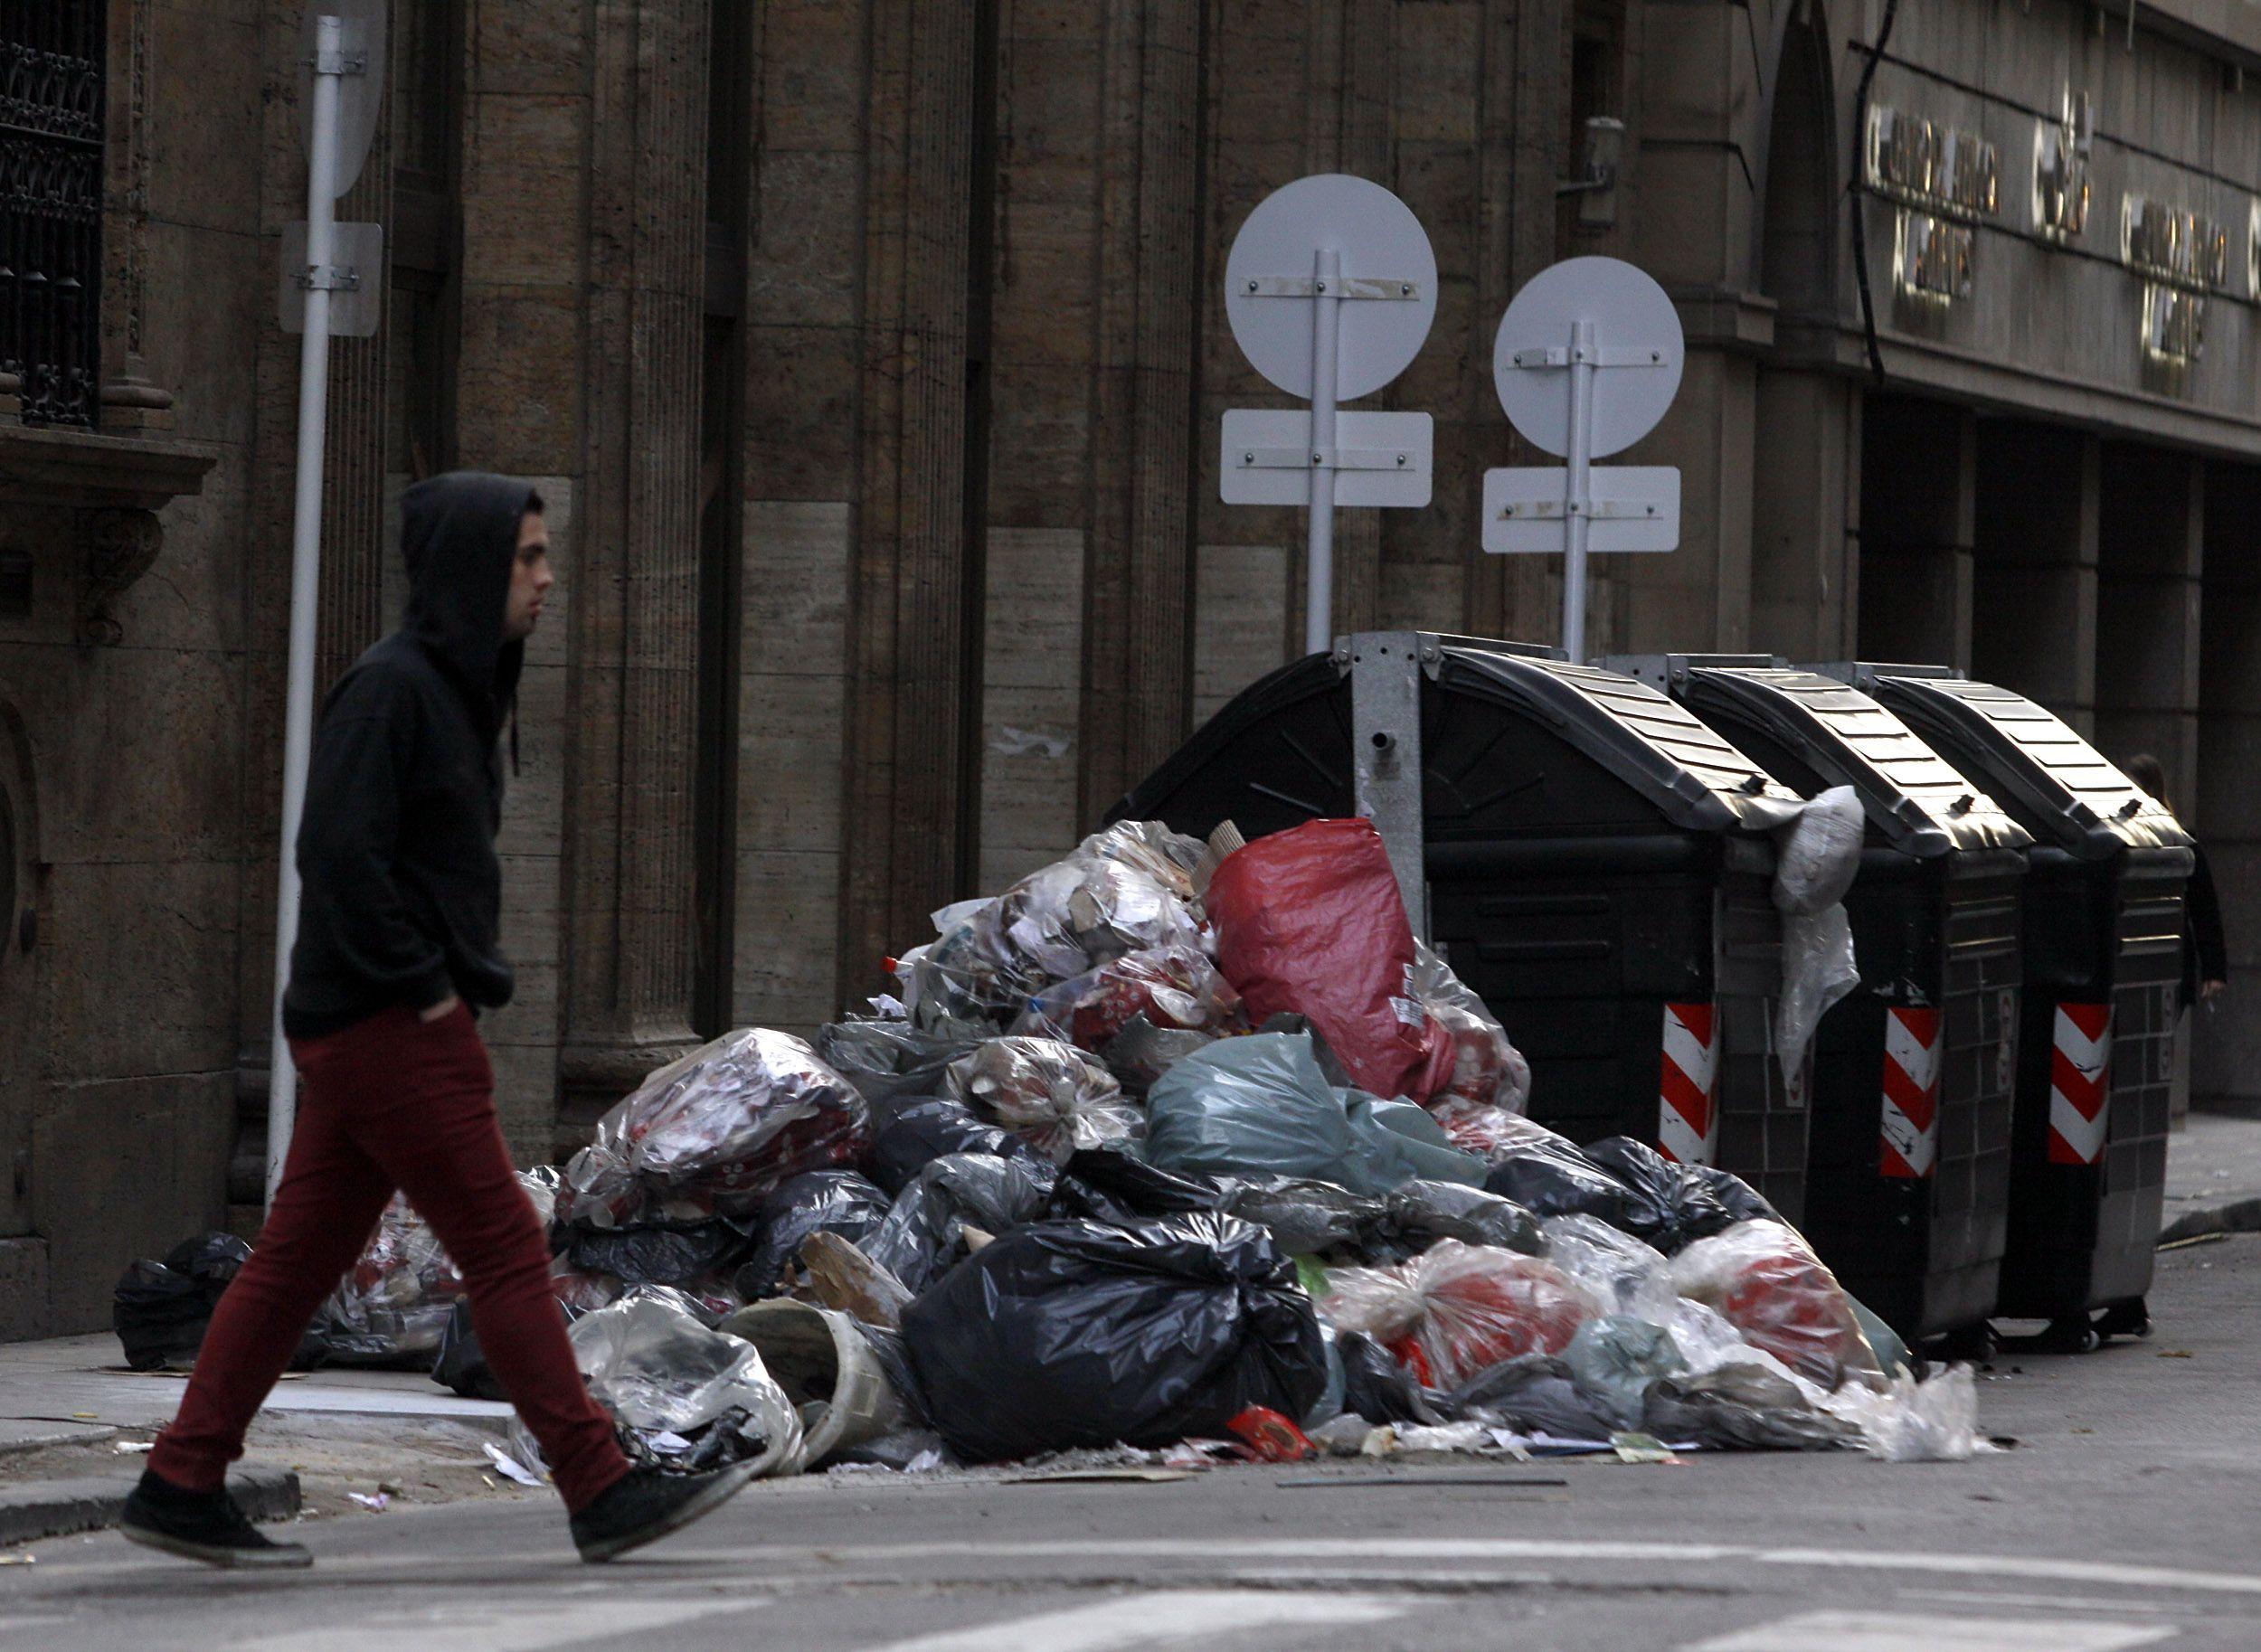 No saques la basura: Camioneros extendió el paro a la recolección de residuos